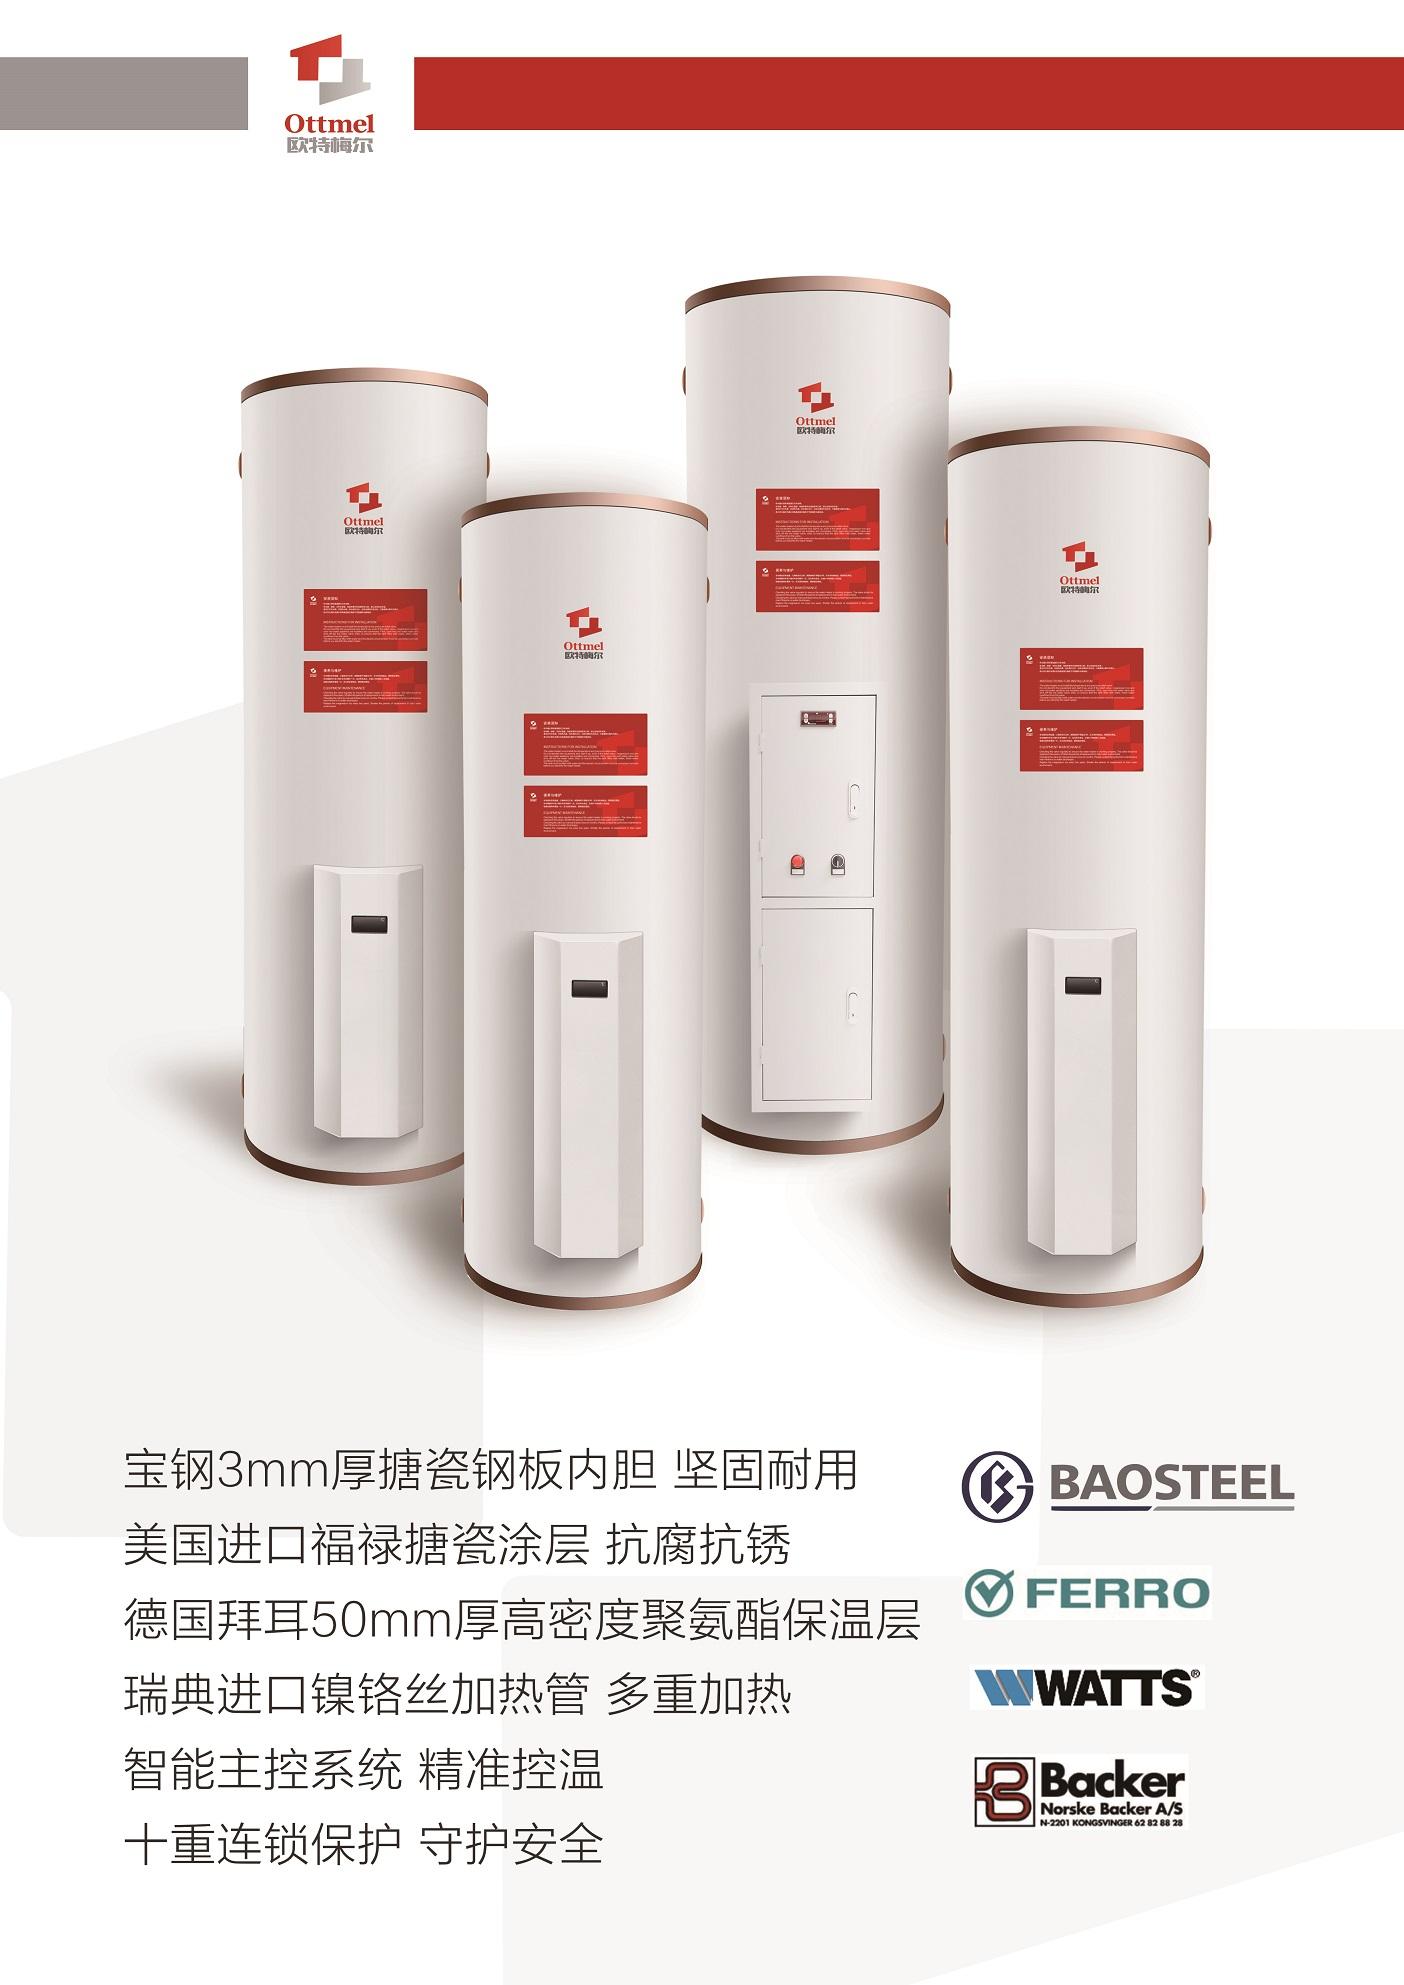 史密斯容积式电热水器 来电咨询 欧特梅尔新能源供应